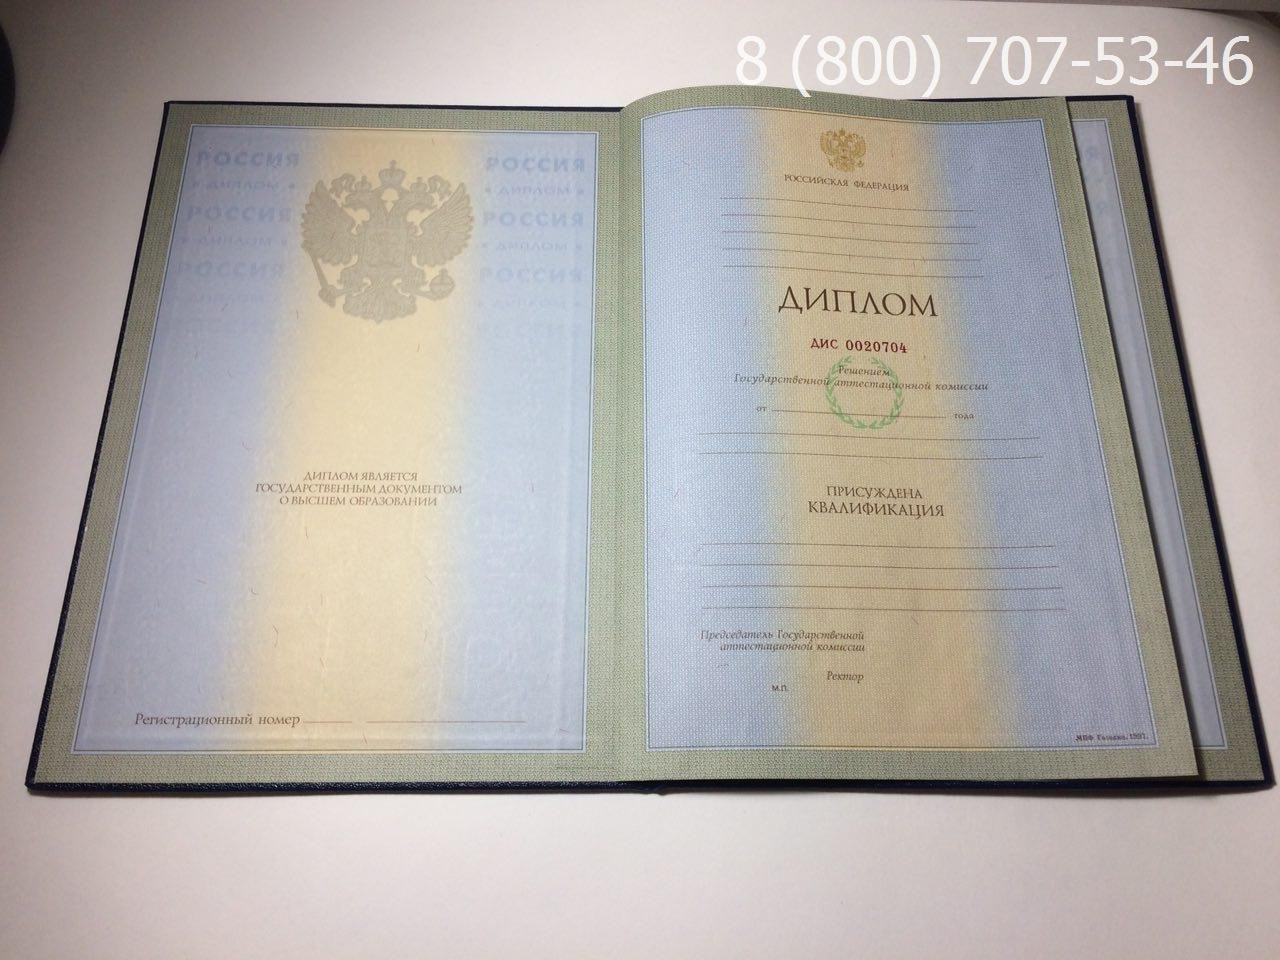 Диплом о высшем образовании 1997-2003 годов